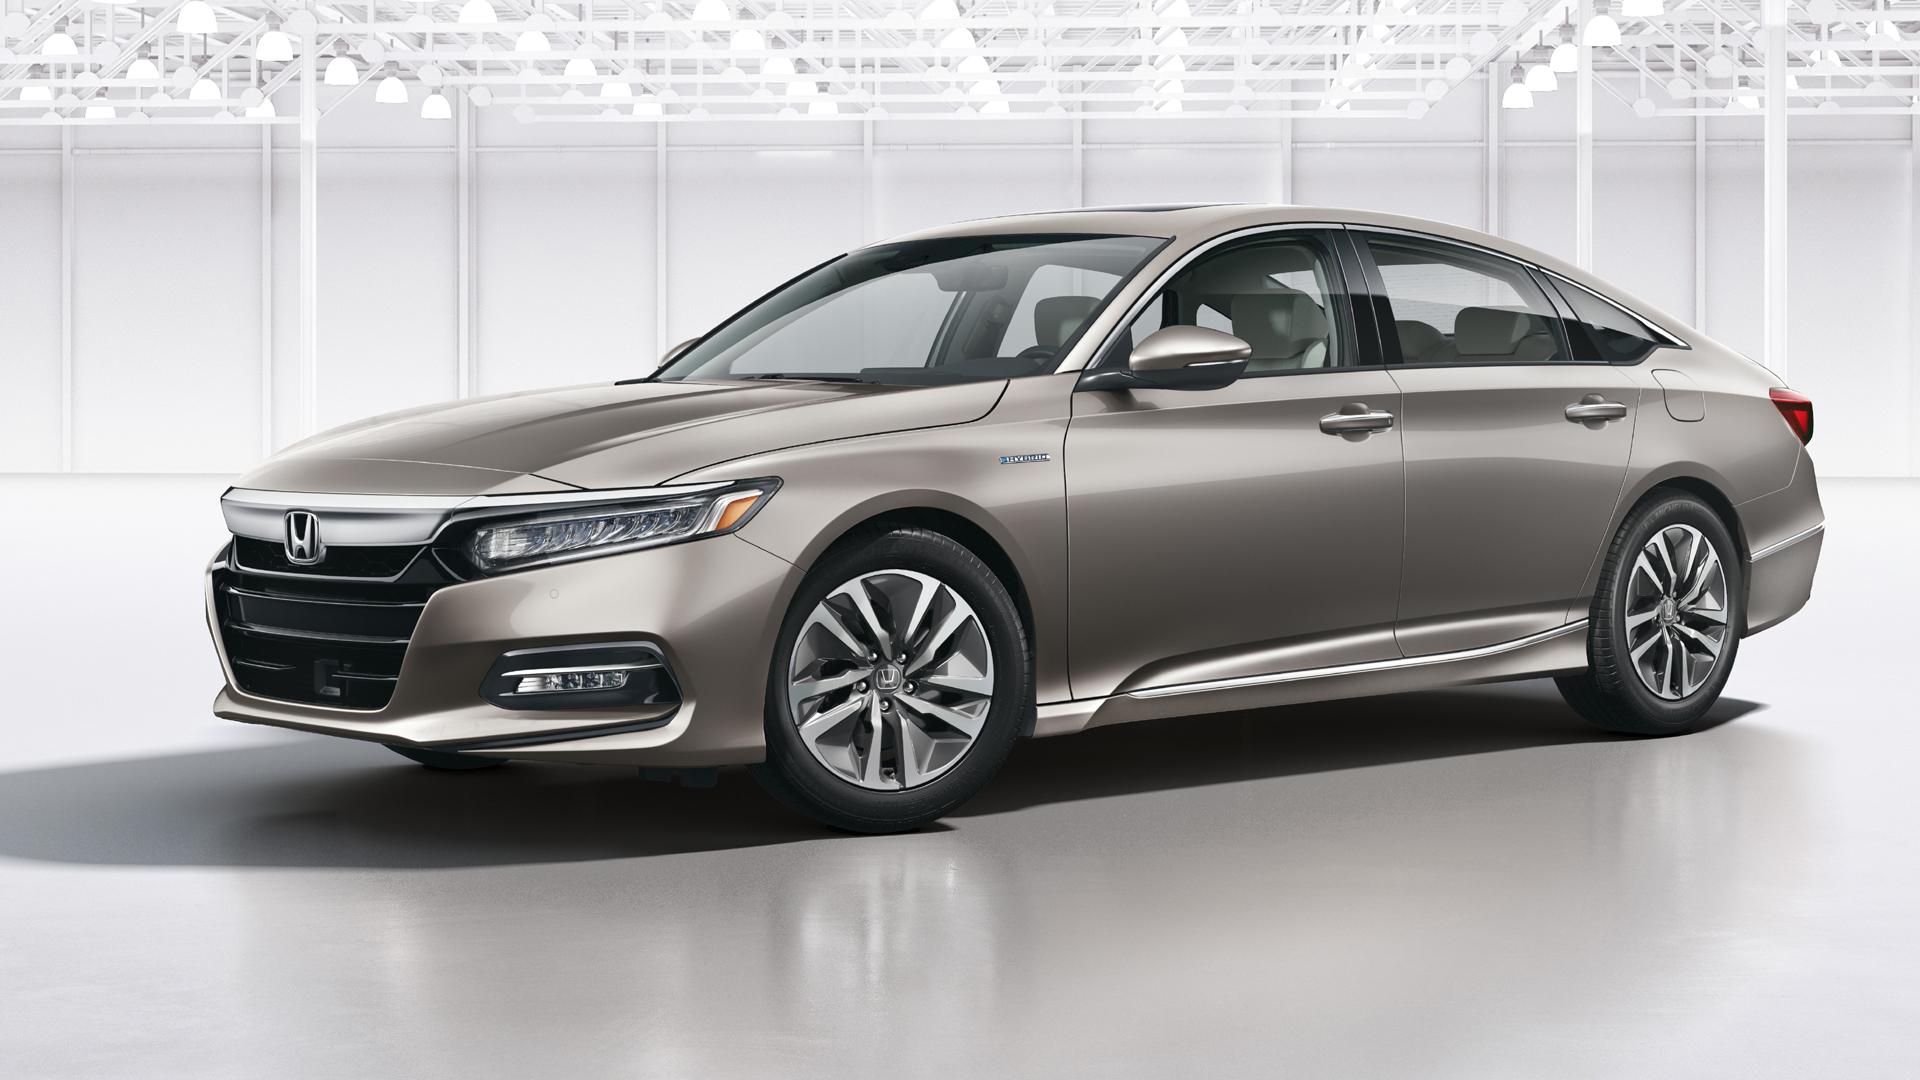 2018 Honda Accord Hybrid_1509370517146